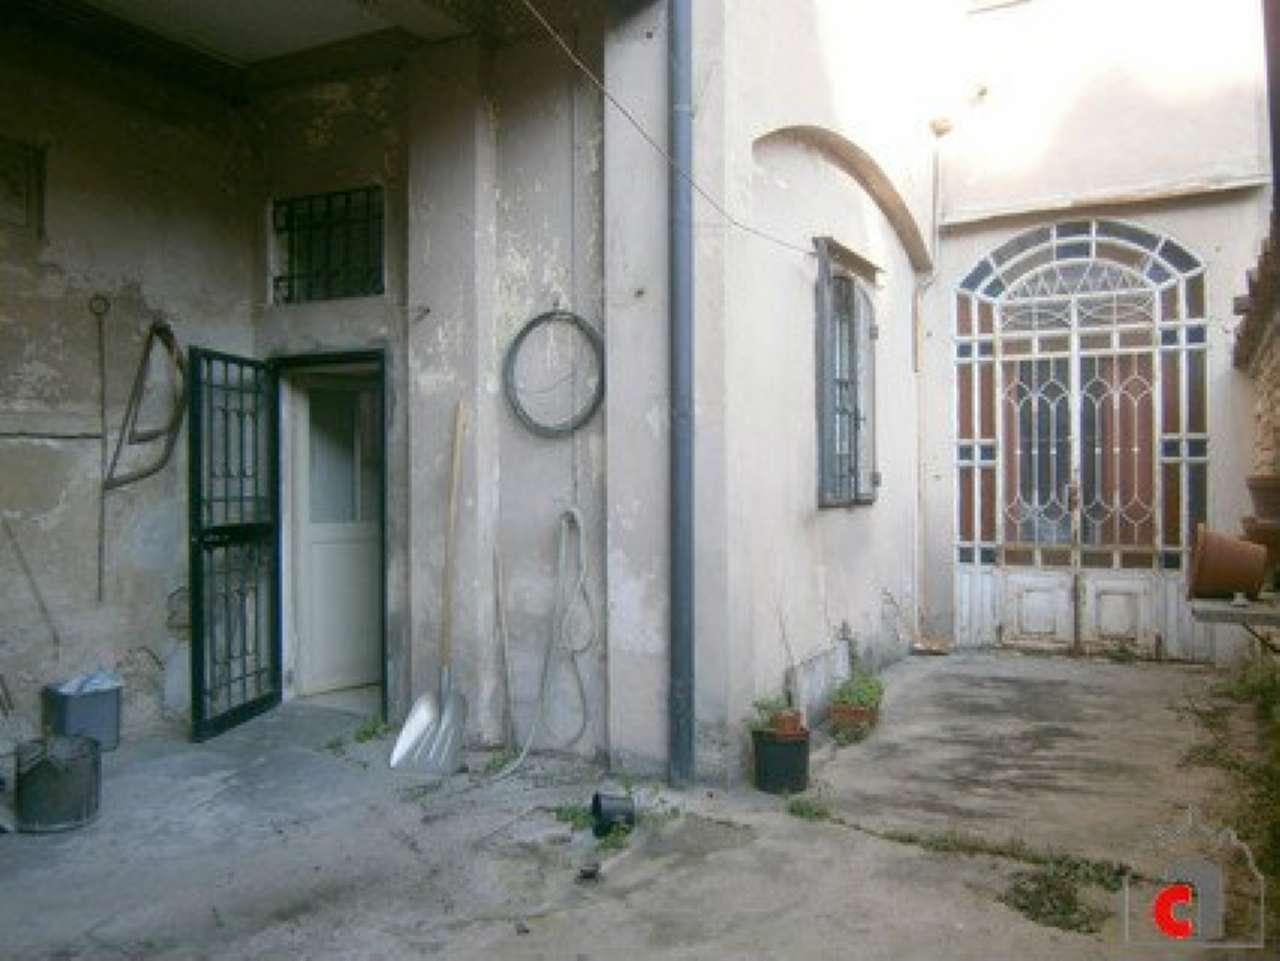 Palazzo / Stabile in vendita a Padova, 11 locali, zona Zona: 1 . Centro, prezzo € 690.000 | CambioCasa.it